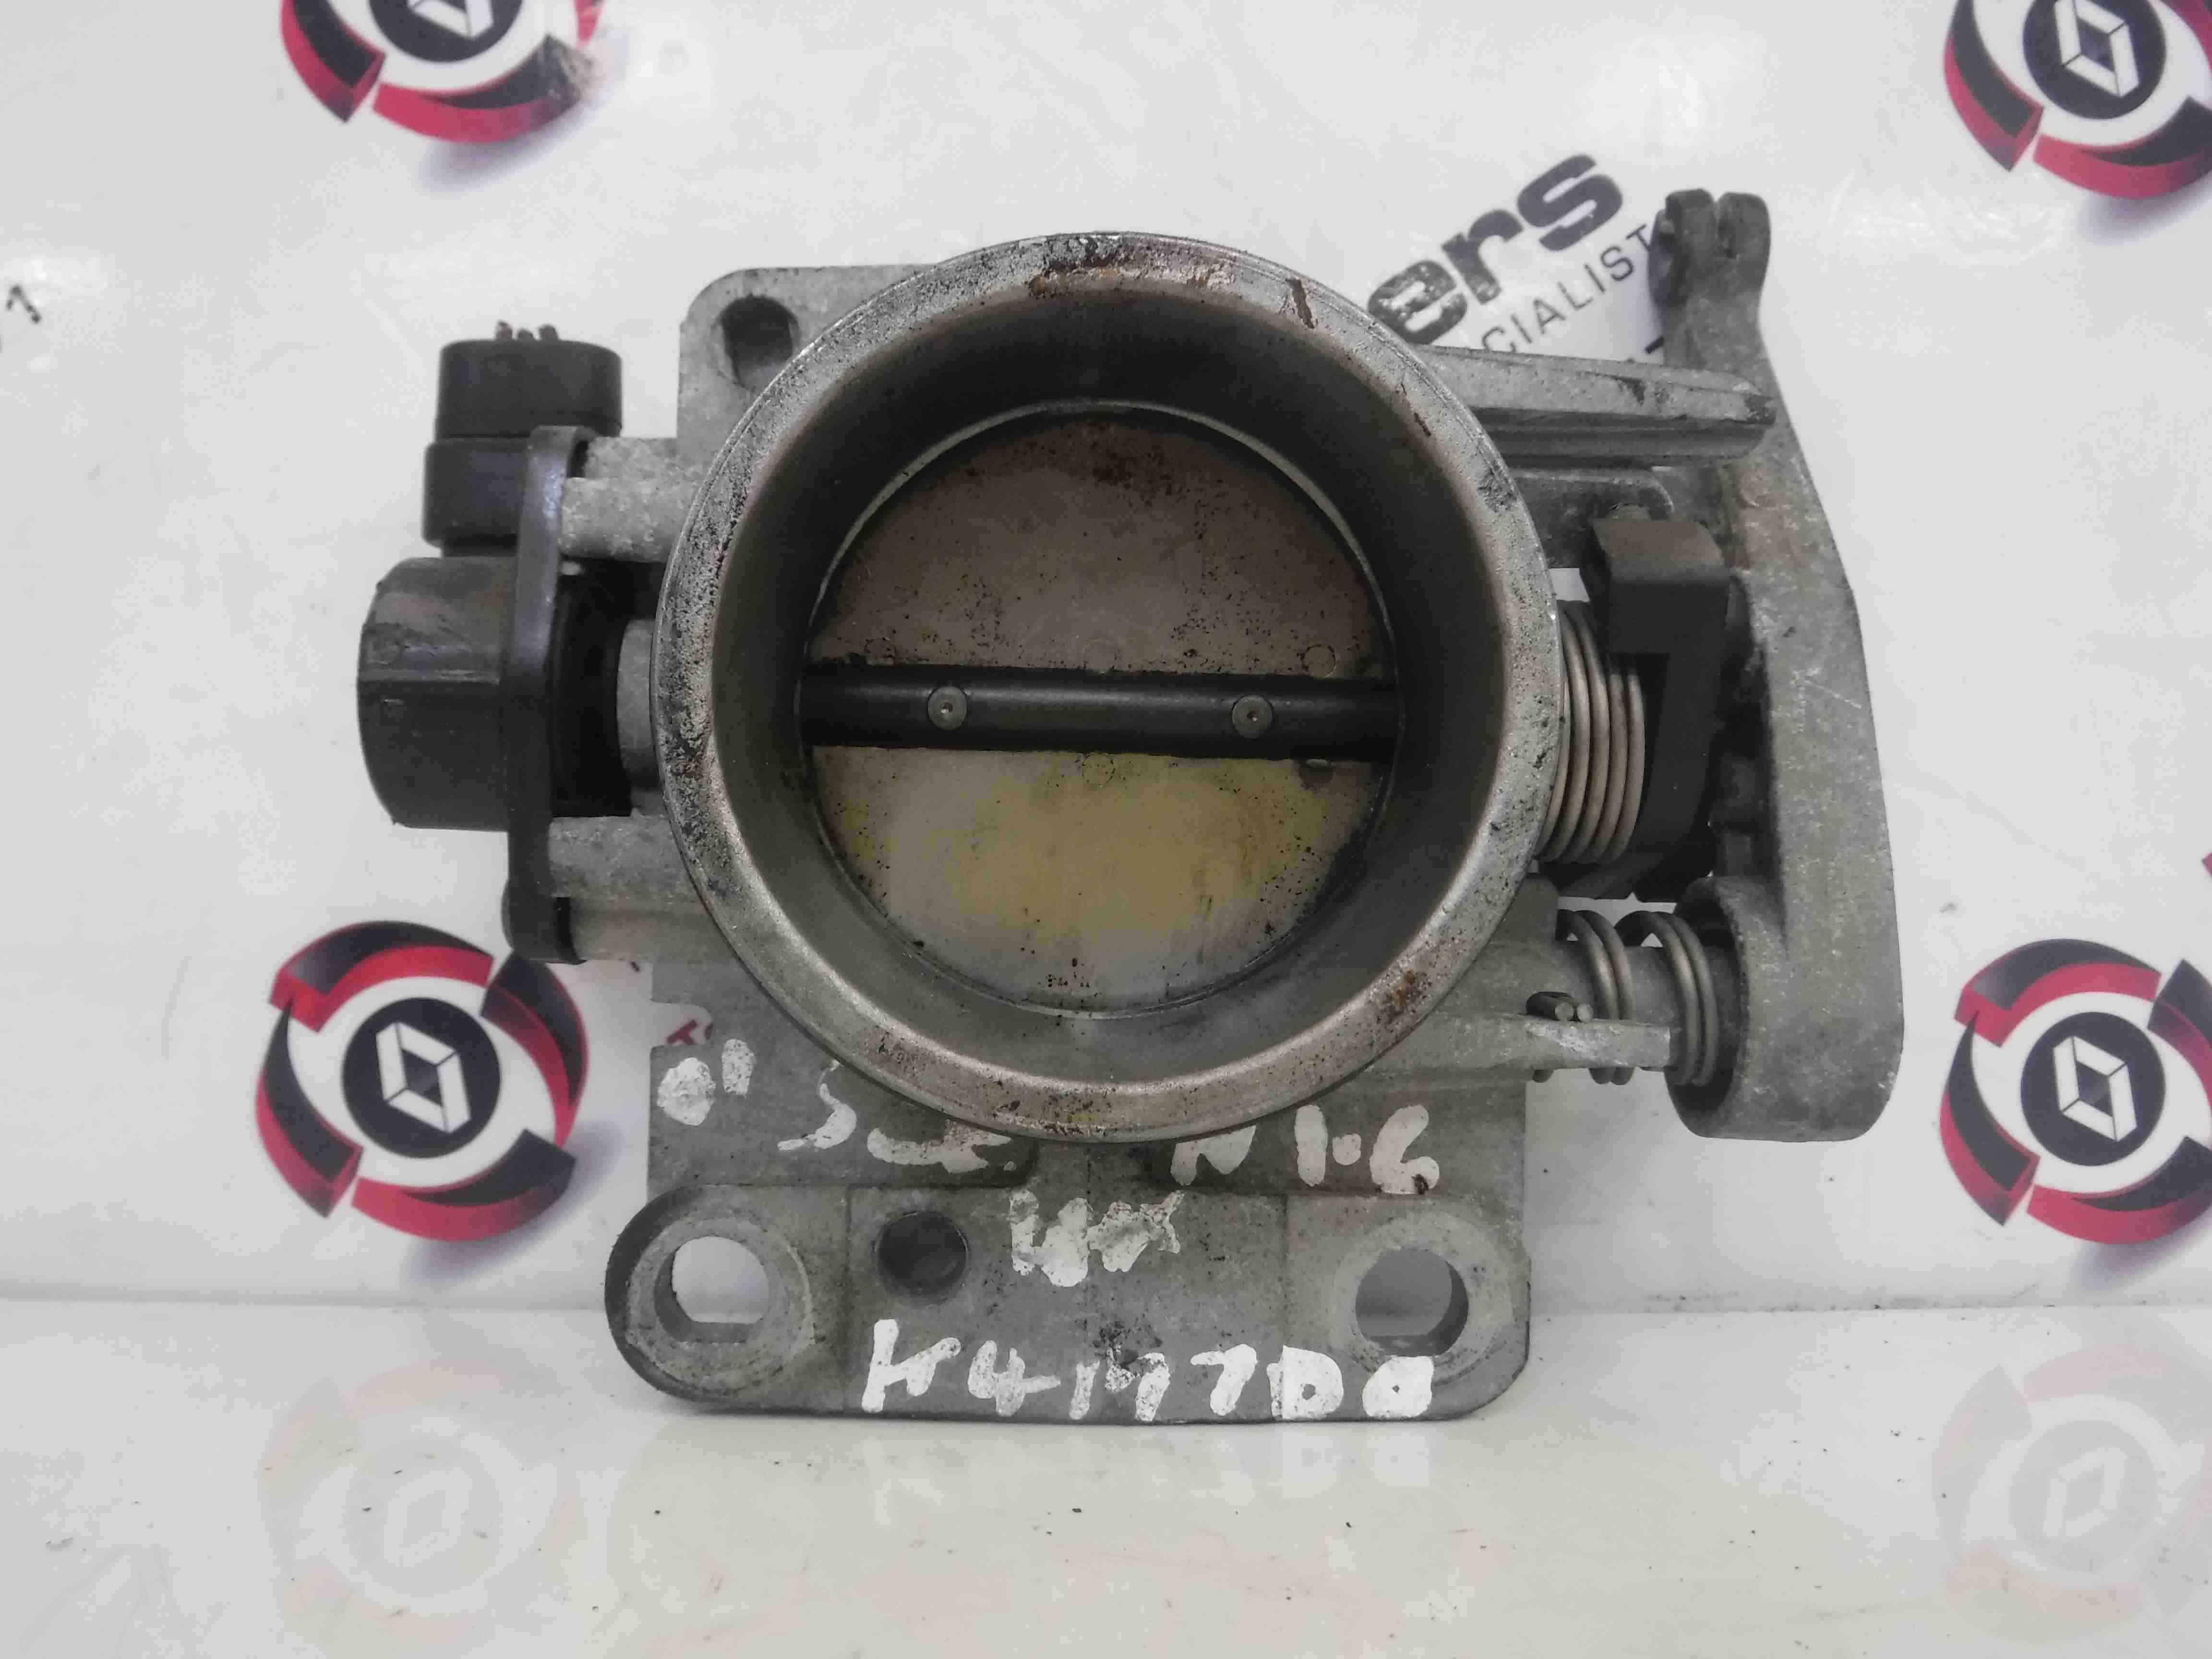 Renault Scenic MK1 1999-2003 1.6 16v Throttle Body 700 K4M